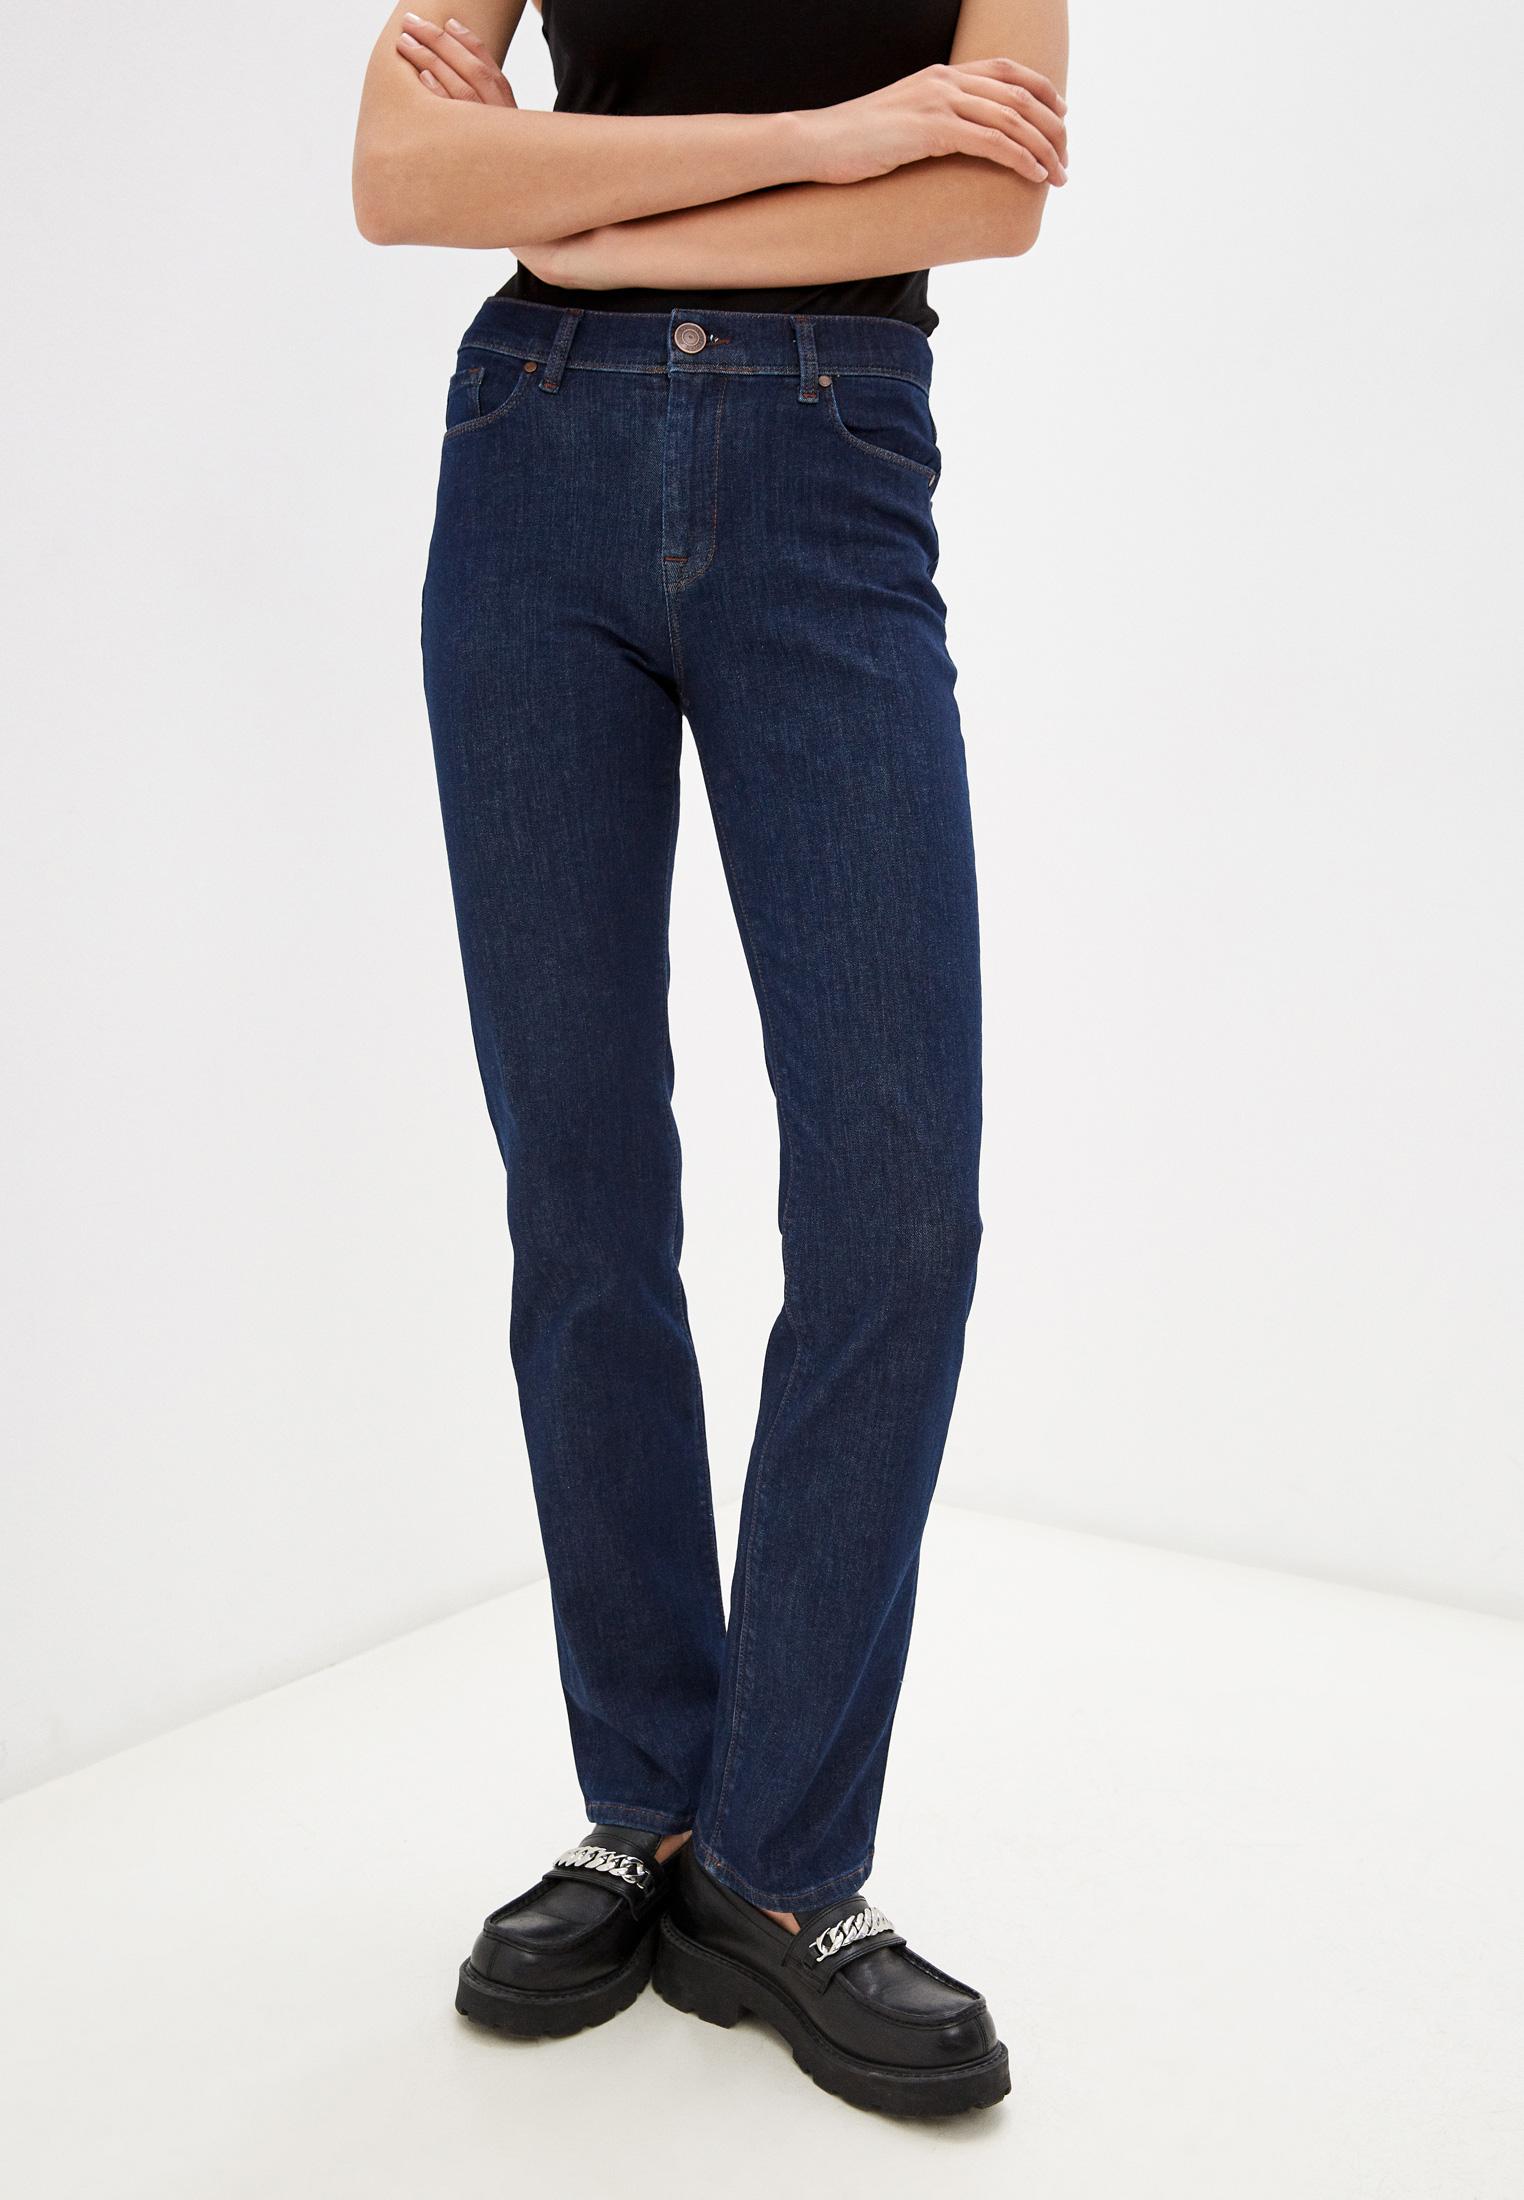 Зауженные джинсы WHITNEY W/B-714-22-KUYT-BLK-1-black-25/30